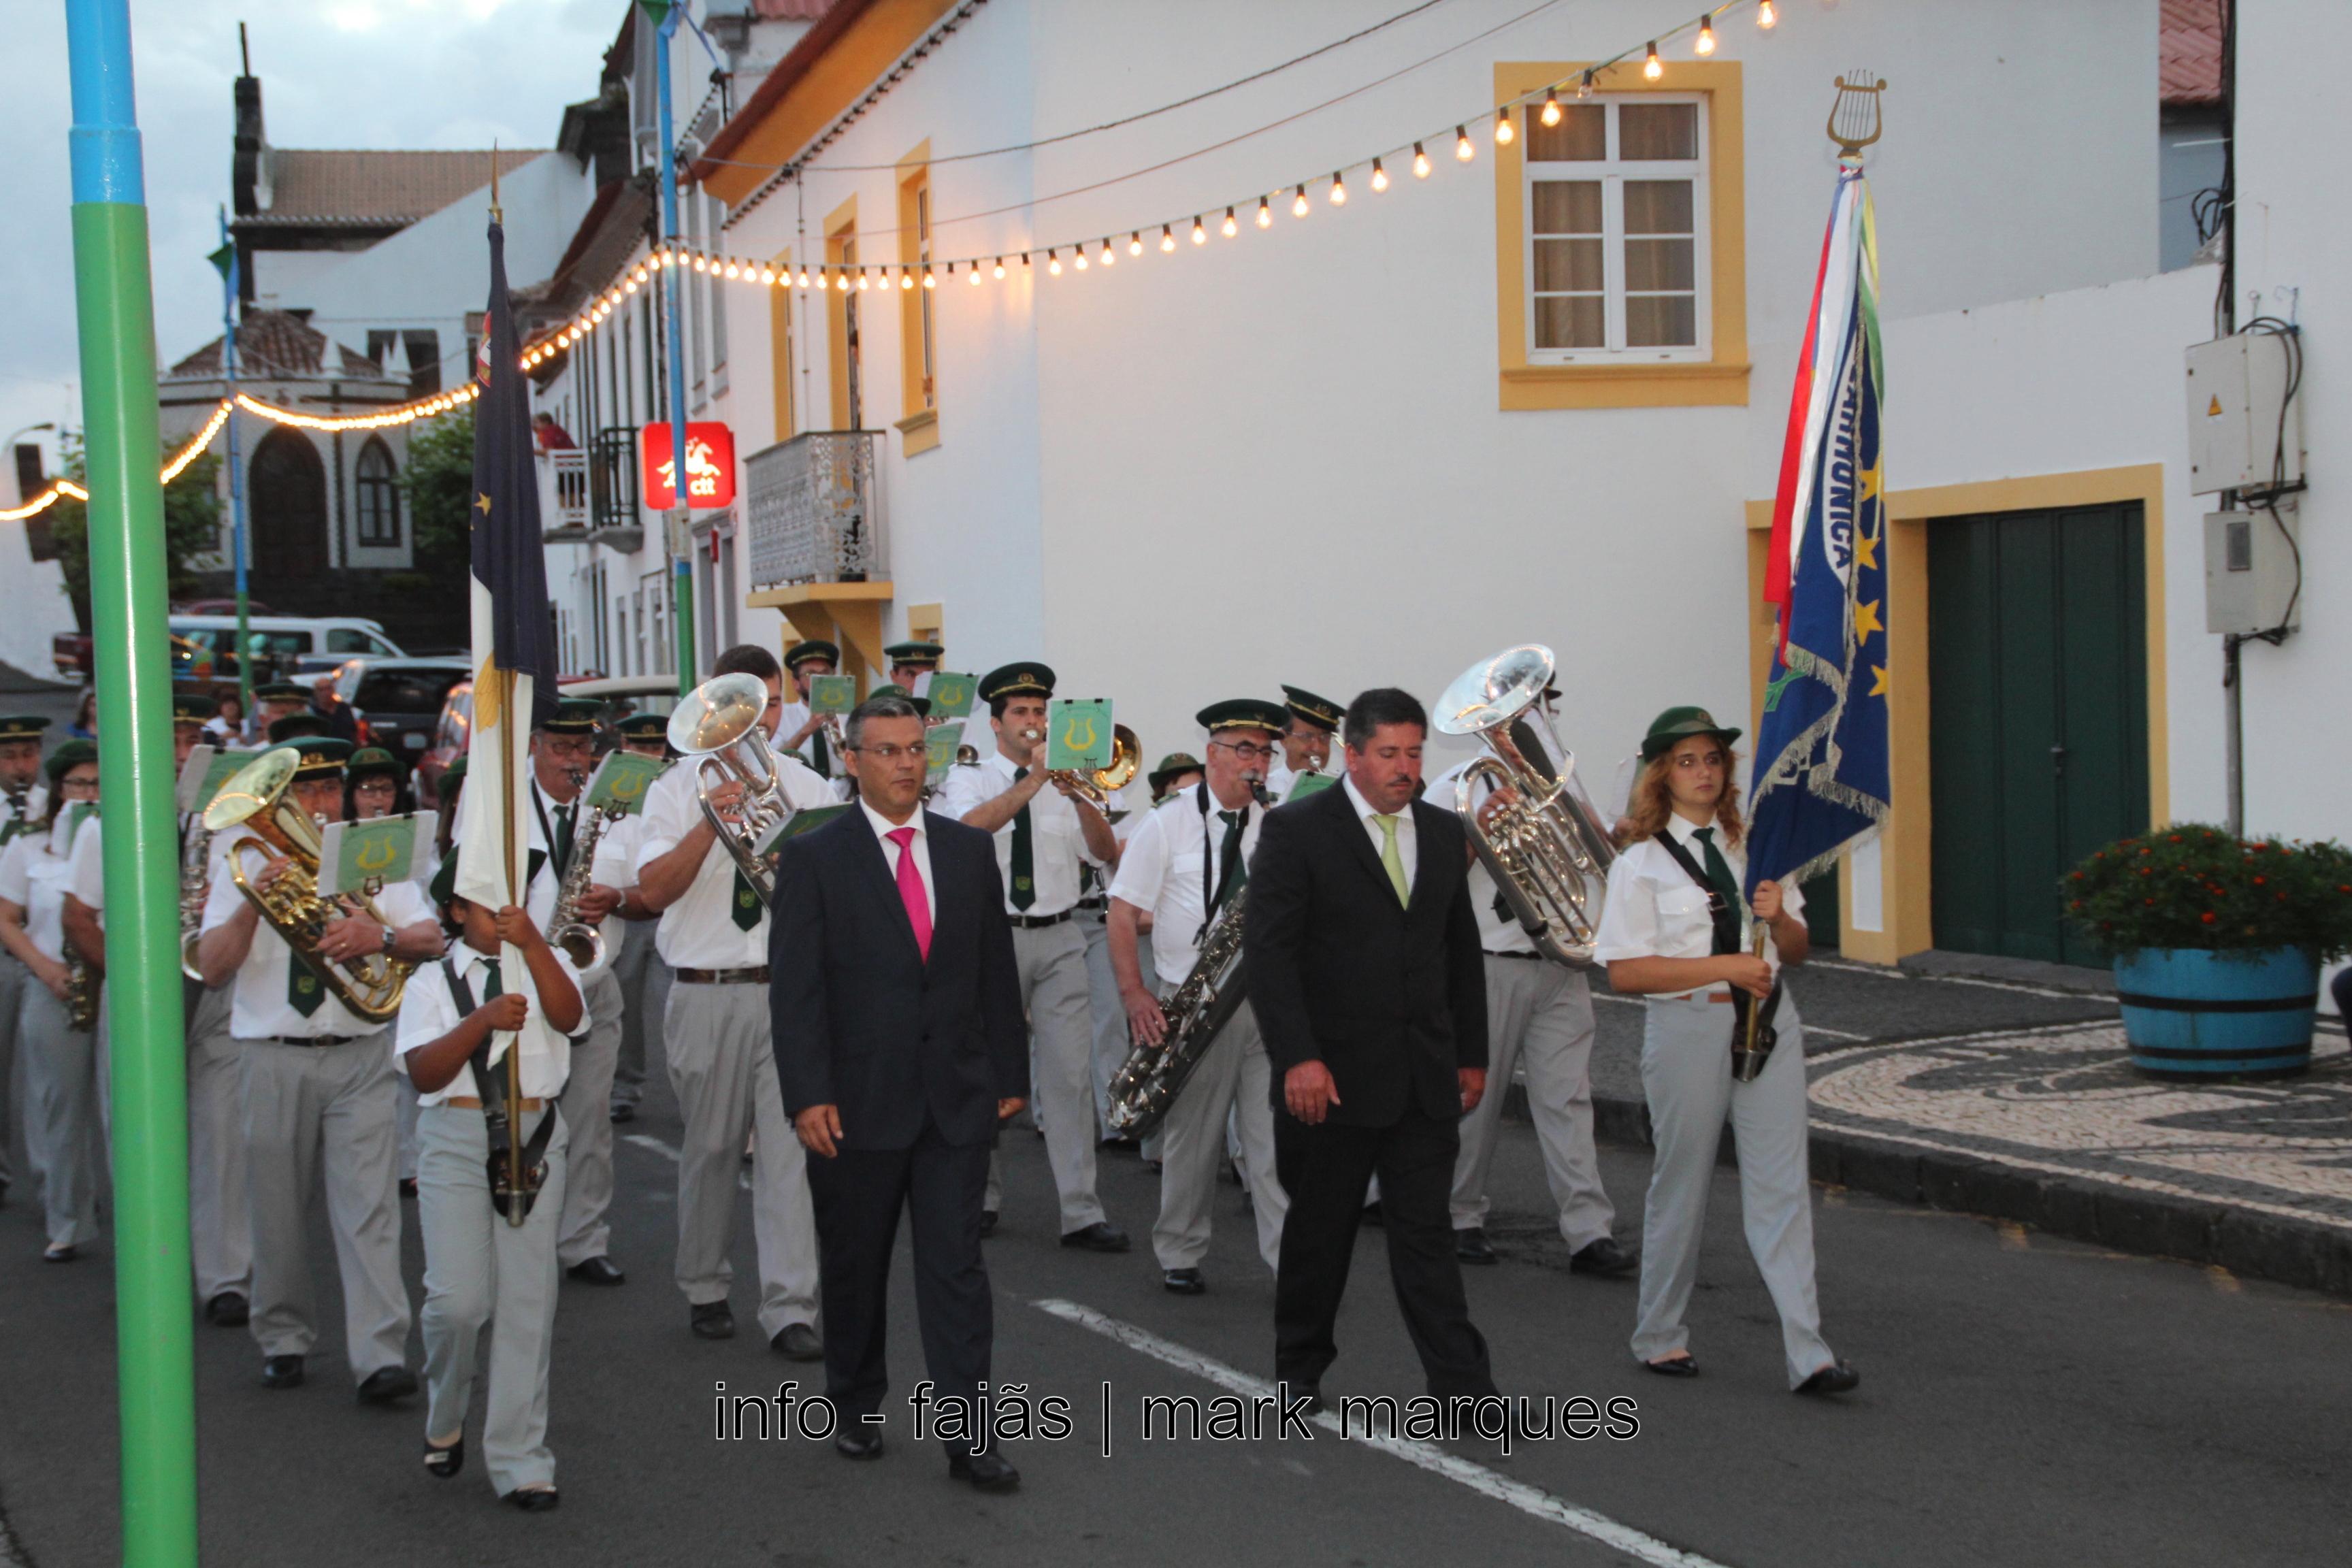 2º Dia do Festival de Julho – Calheta – Ilha de São Jorge (15.07.2016) (reportagem fotográfica)